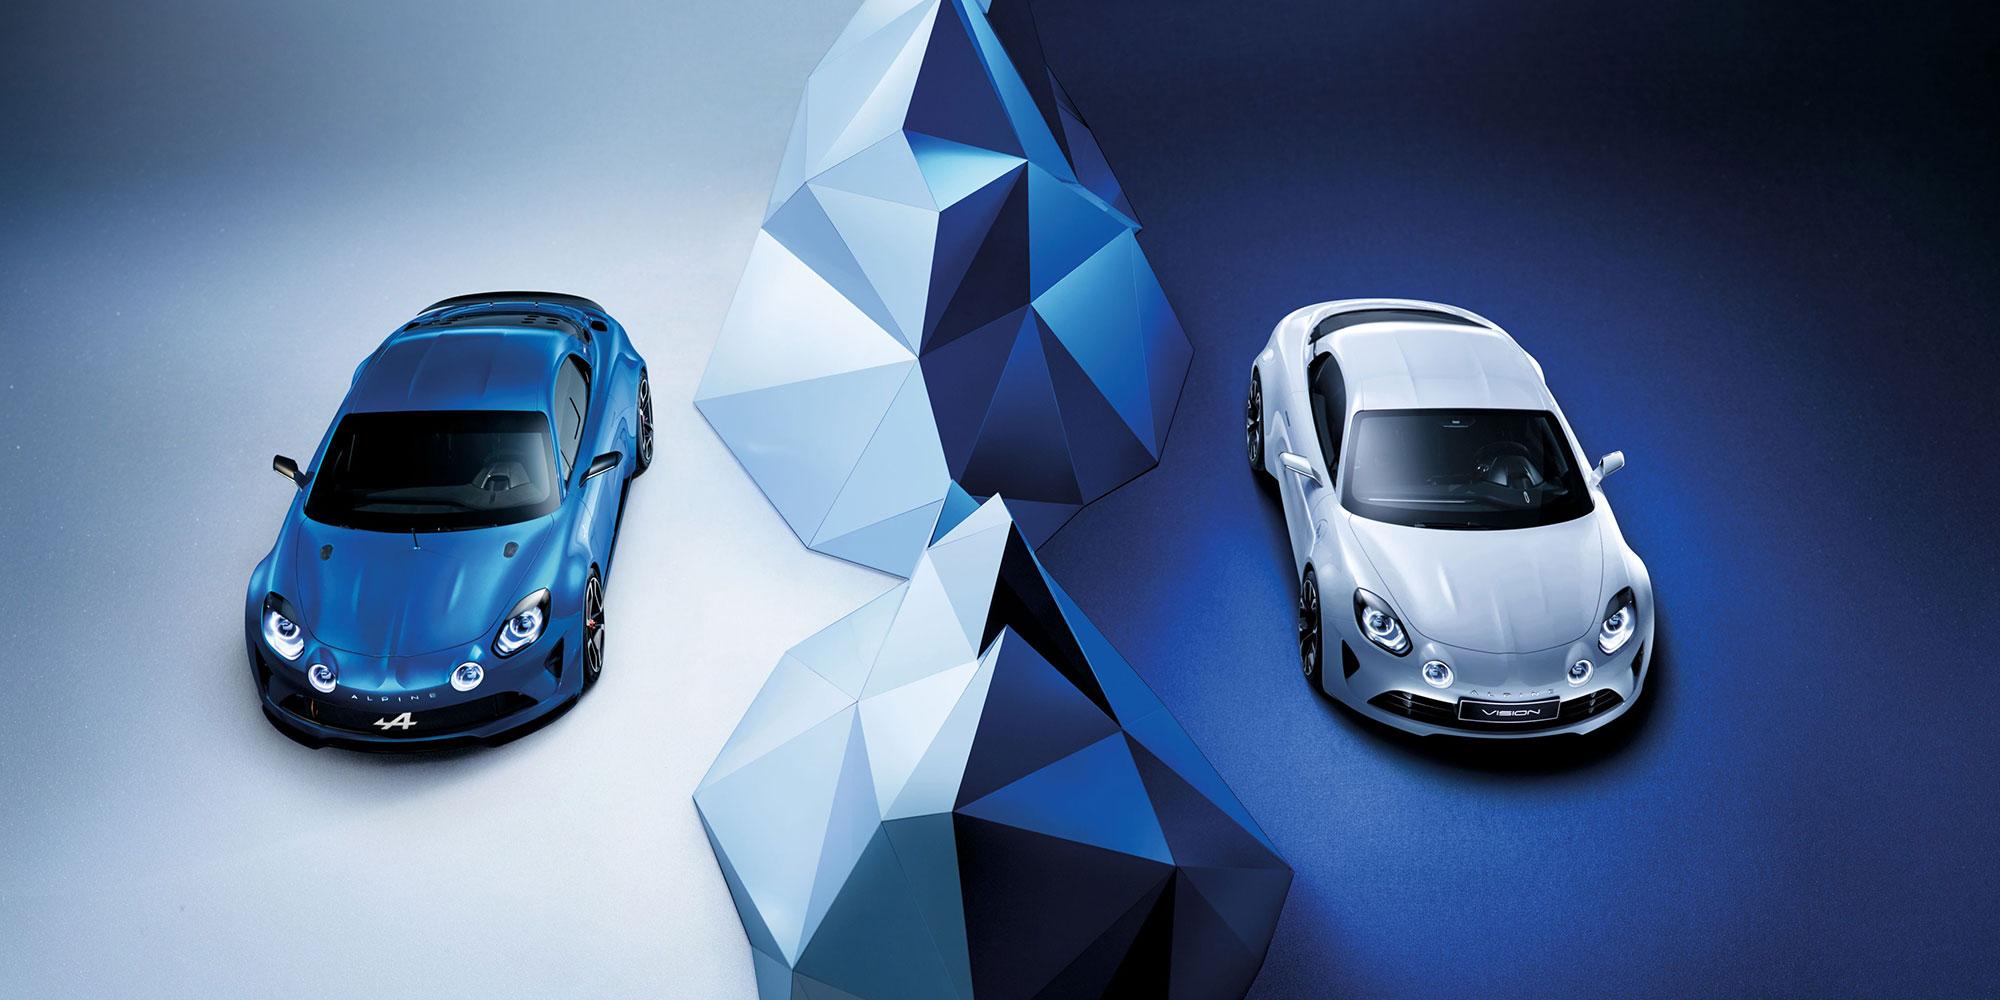 Renault Modellautos: Faszinierend bis ins Detail